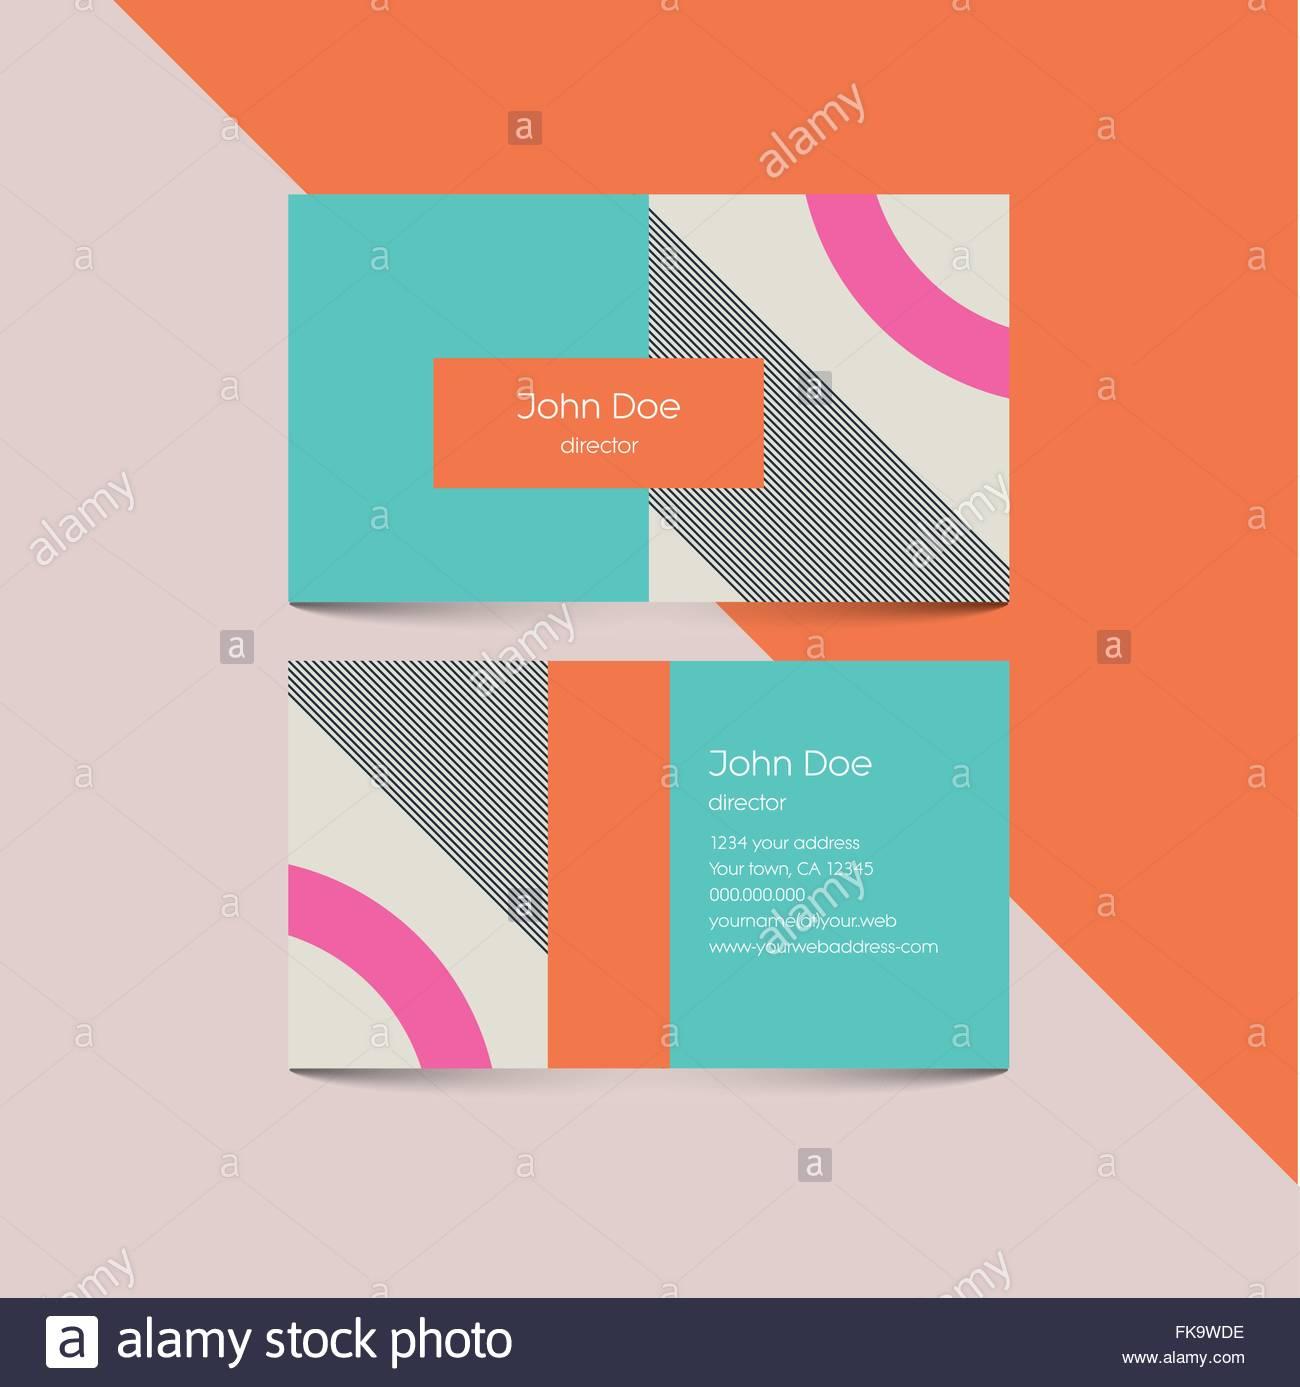 Material Design Visitenkarten Vorlage Mit 80er Style